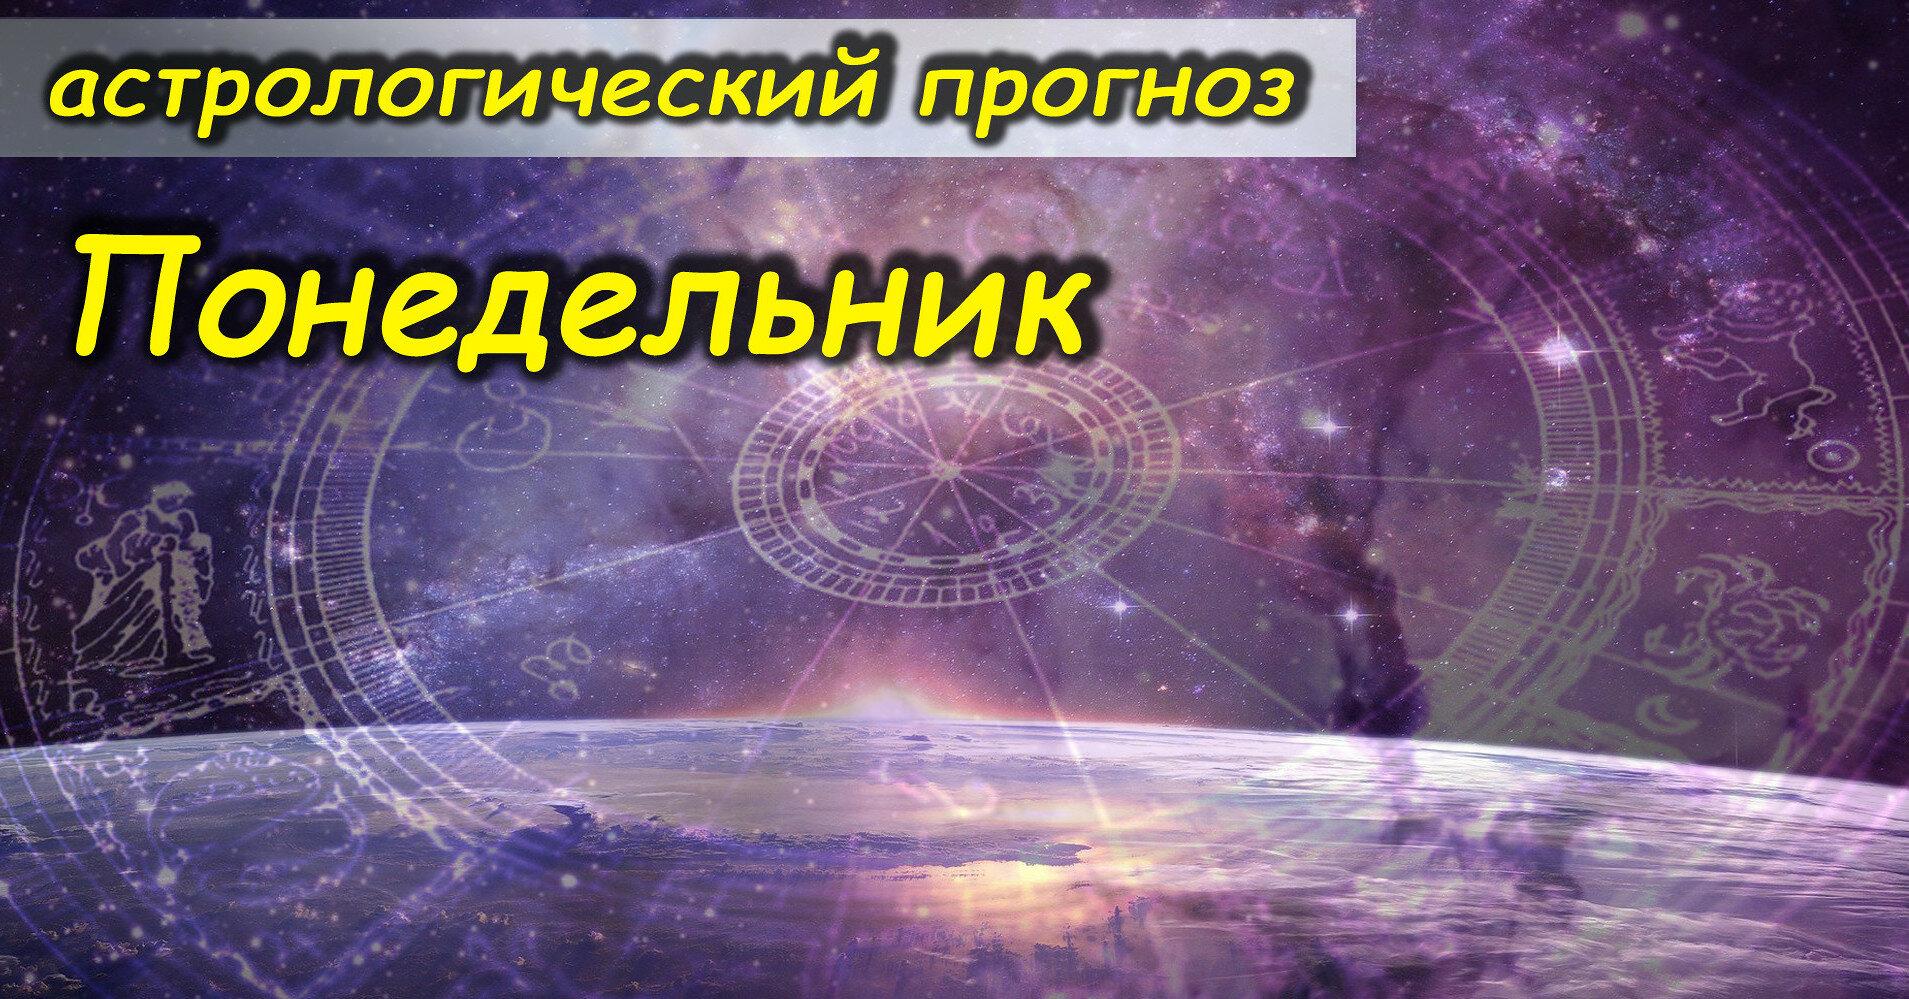 Гороскоп на 7 июня: что ждет все знаки Зодиака